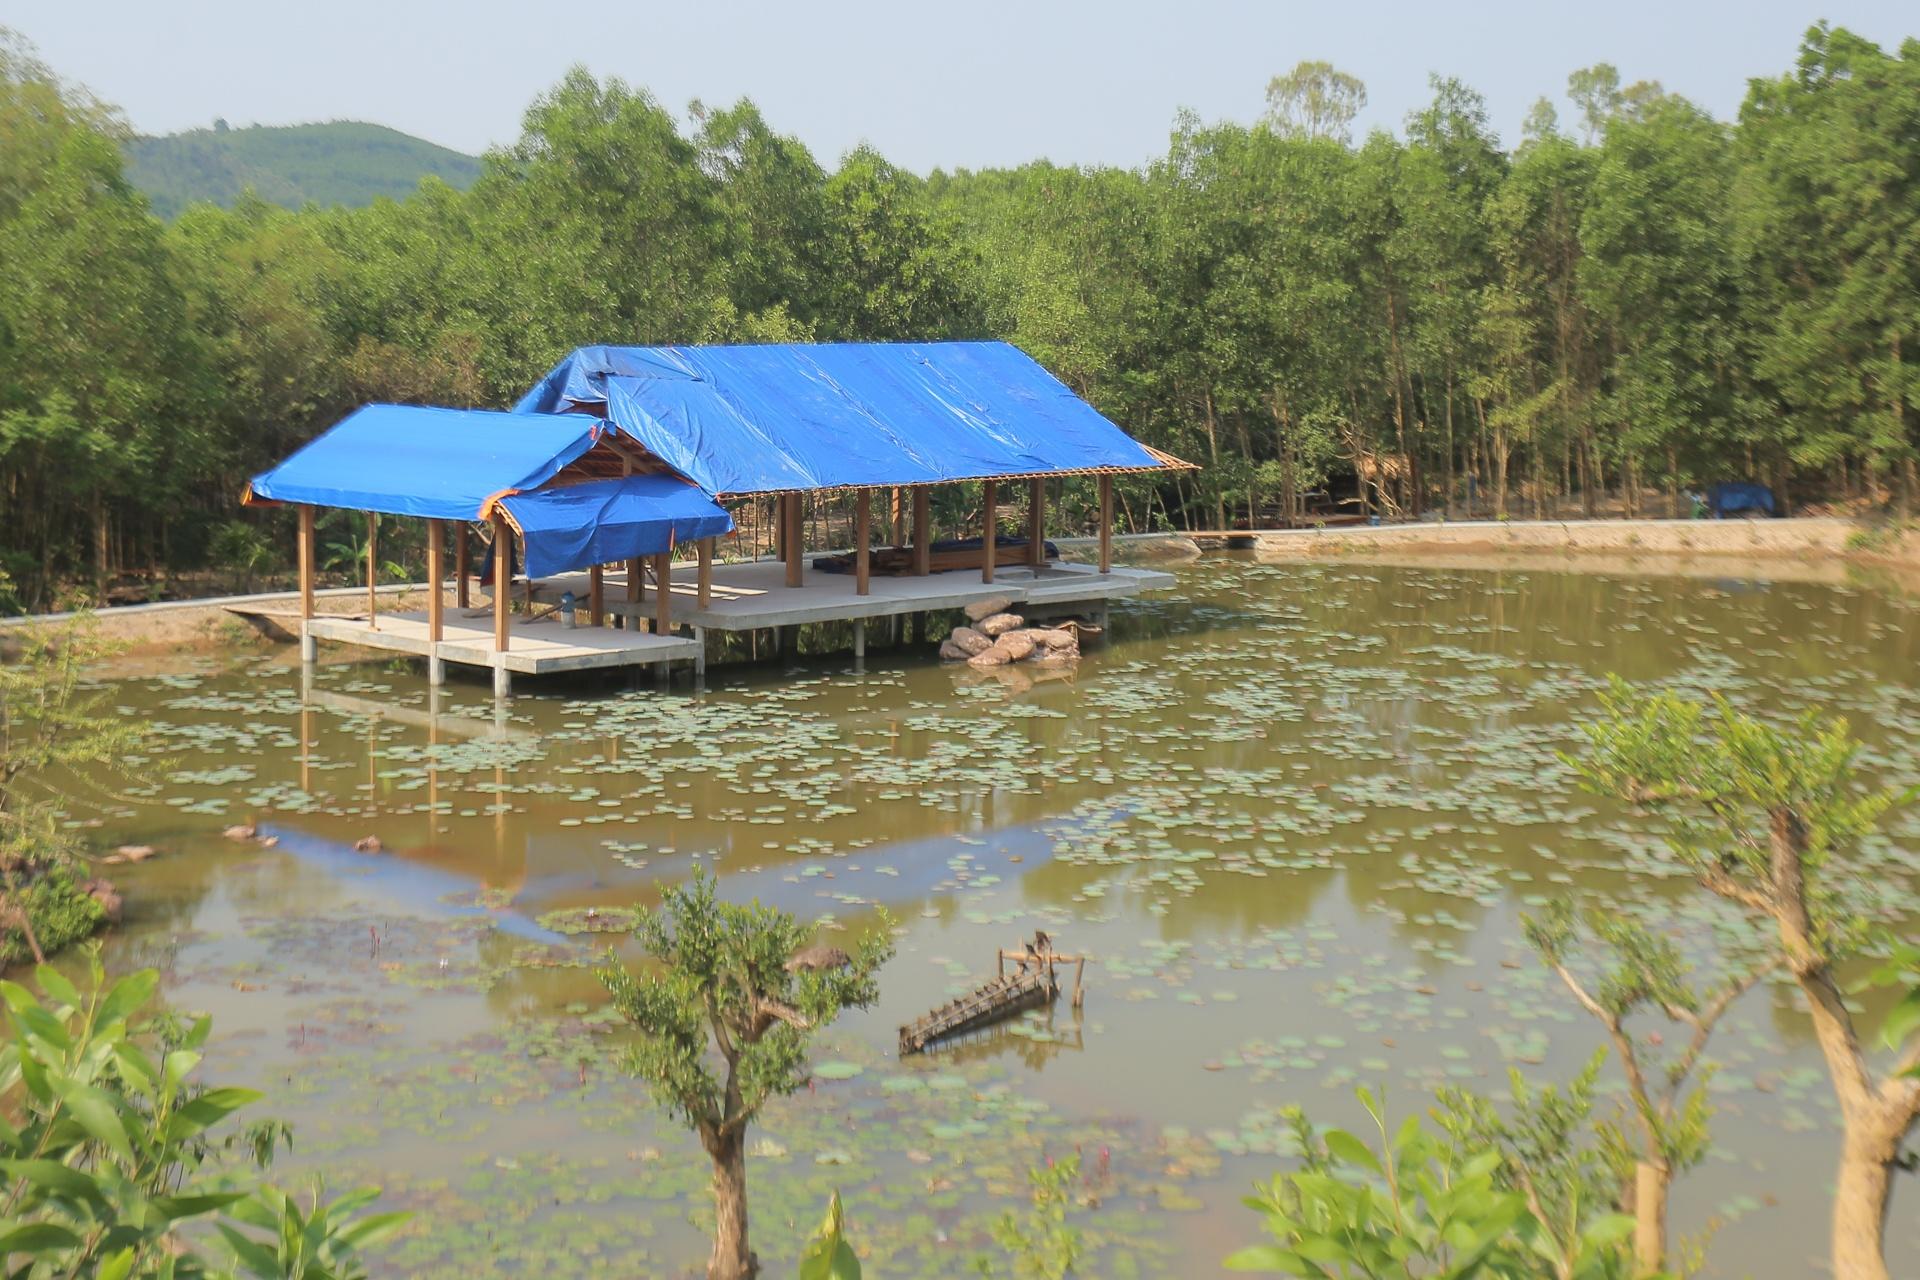 Khu nghỉ dưỡng xây dựng trái phép giữa rừng phòng hộ